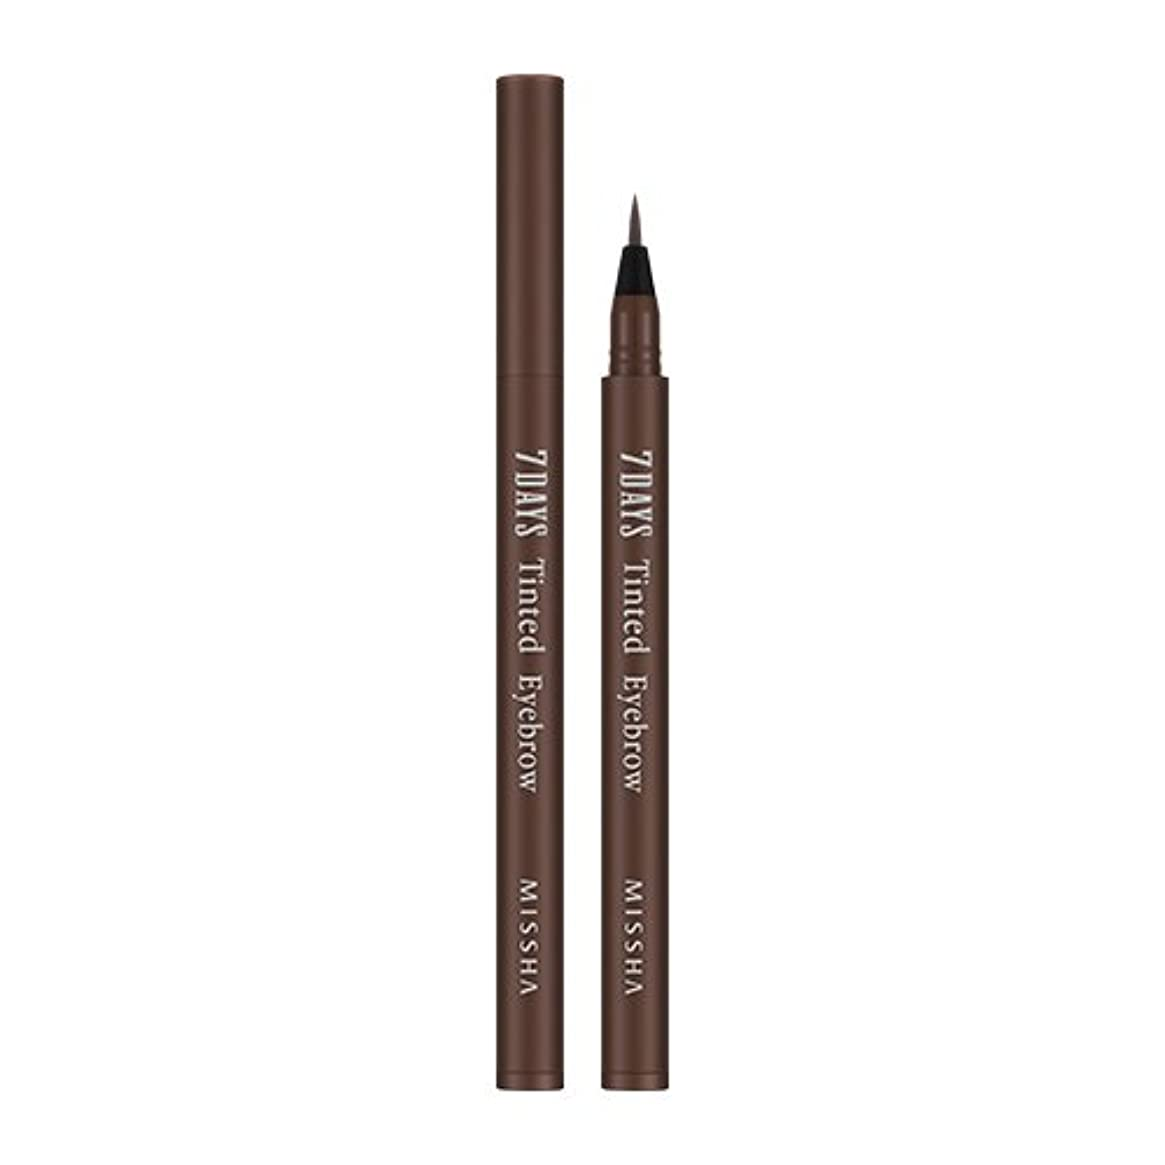 文言ロゴアイドルMISSHA Seven Days Tinted Eye Brow 0.8ml (#02 Sinopia Brown)/ミシャ セブンデイズ ティンテッド アイブロウ 0.8ml (#02 Sinopia Brown)